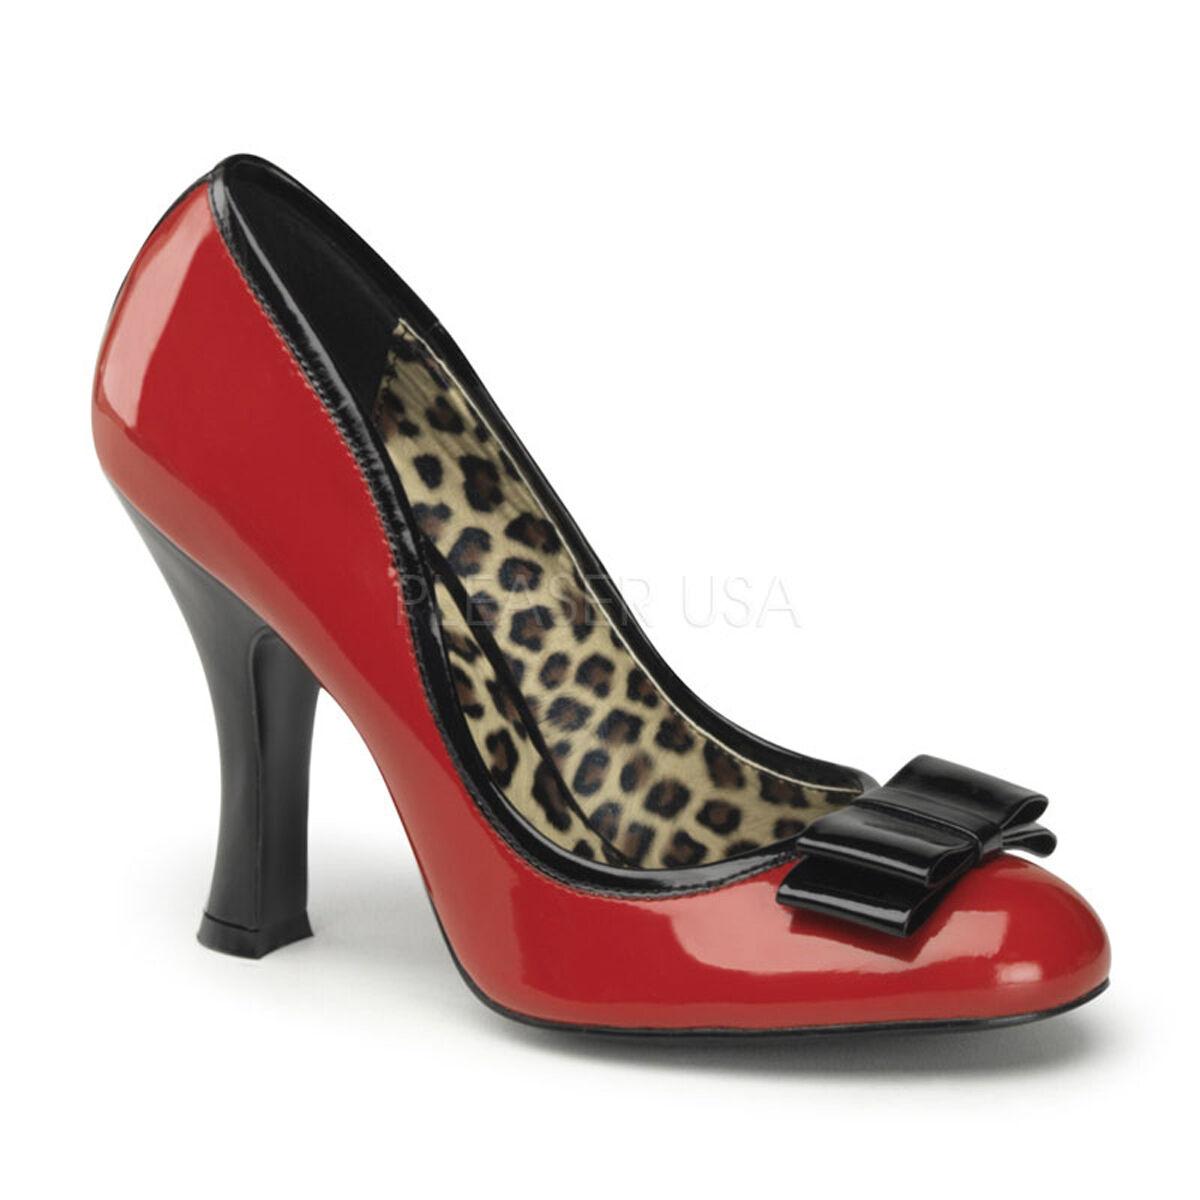 Pleaser SMITTEN 01 hoher PIN UP Kontur 10.2cm hoher 01 Absatz Patent Cheetah Schuhe 55f7f7